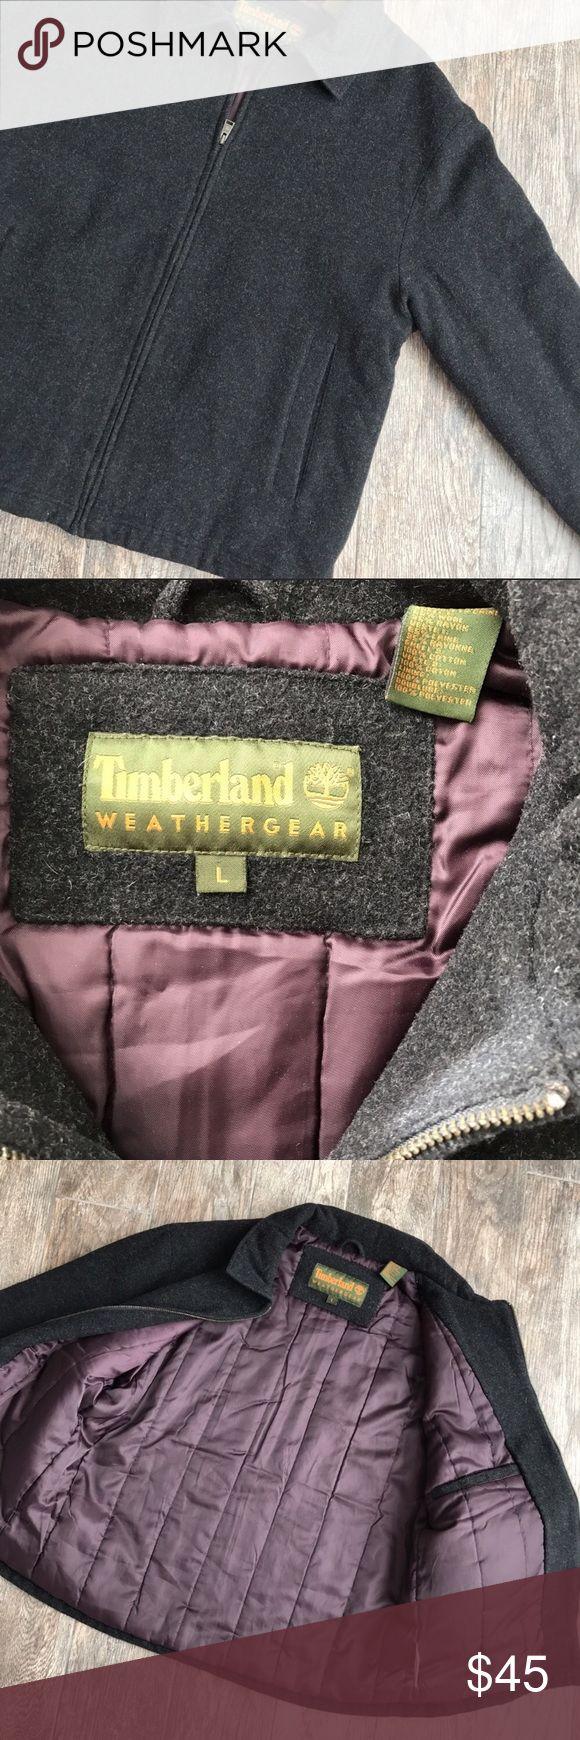 Timberland Weathergear Wool Blend Jacket Timberland Weathergear Wool Blend Jacket. Size Large. Excellent condition. 65% Wool, 35% Rayon. Timberland Jackets & Coats Performance Jackets